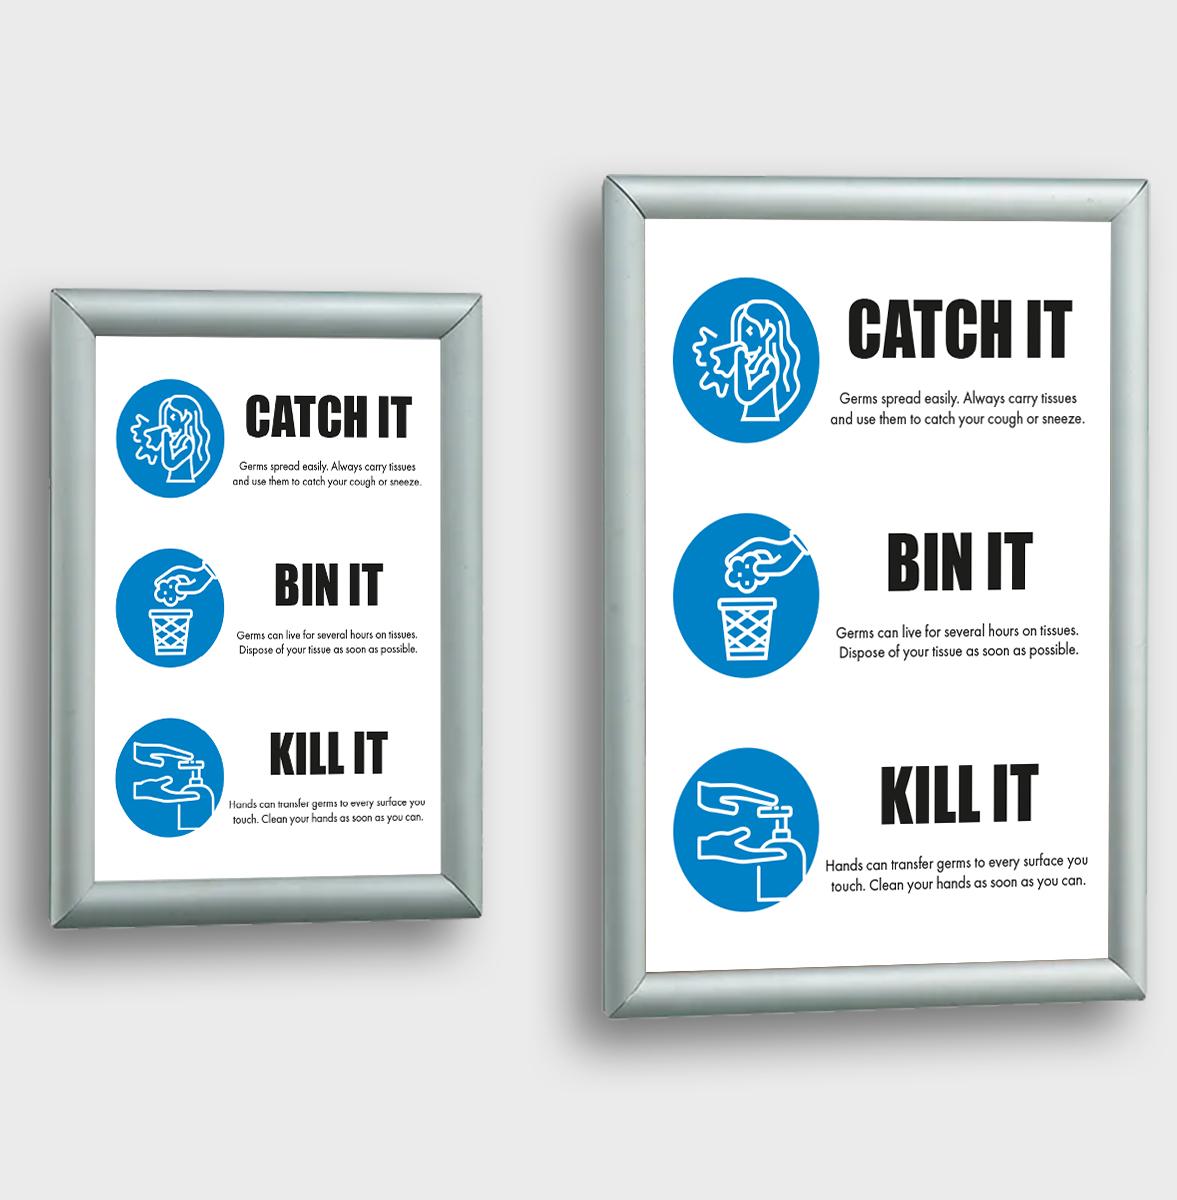 Catch it. Bin it. Kill it posters in snap frames